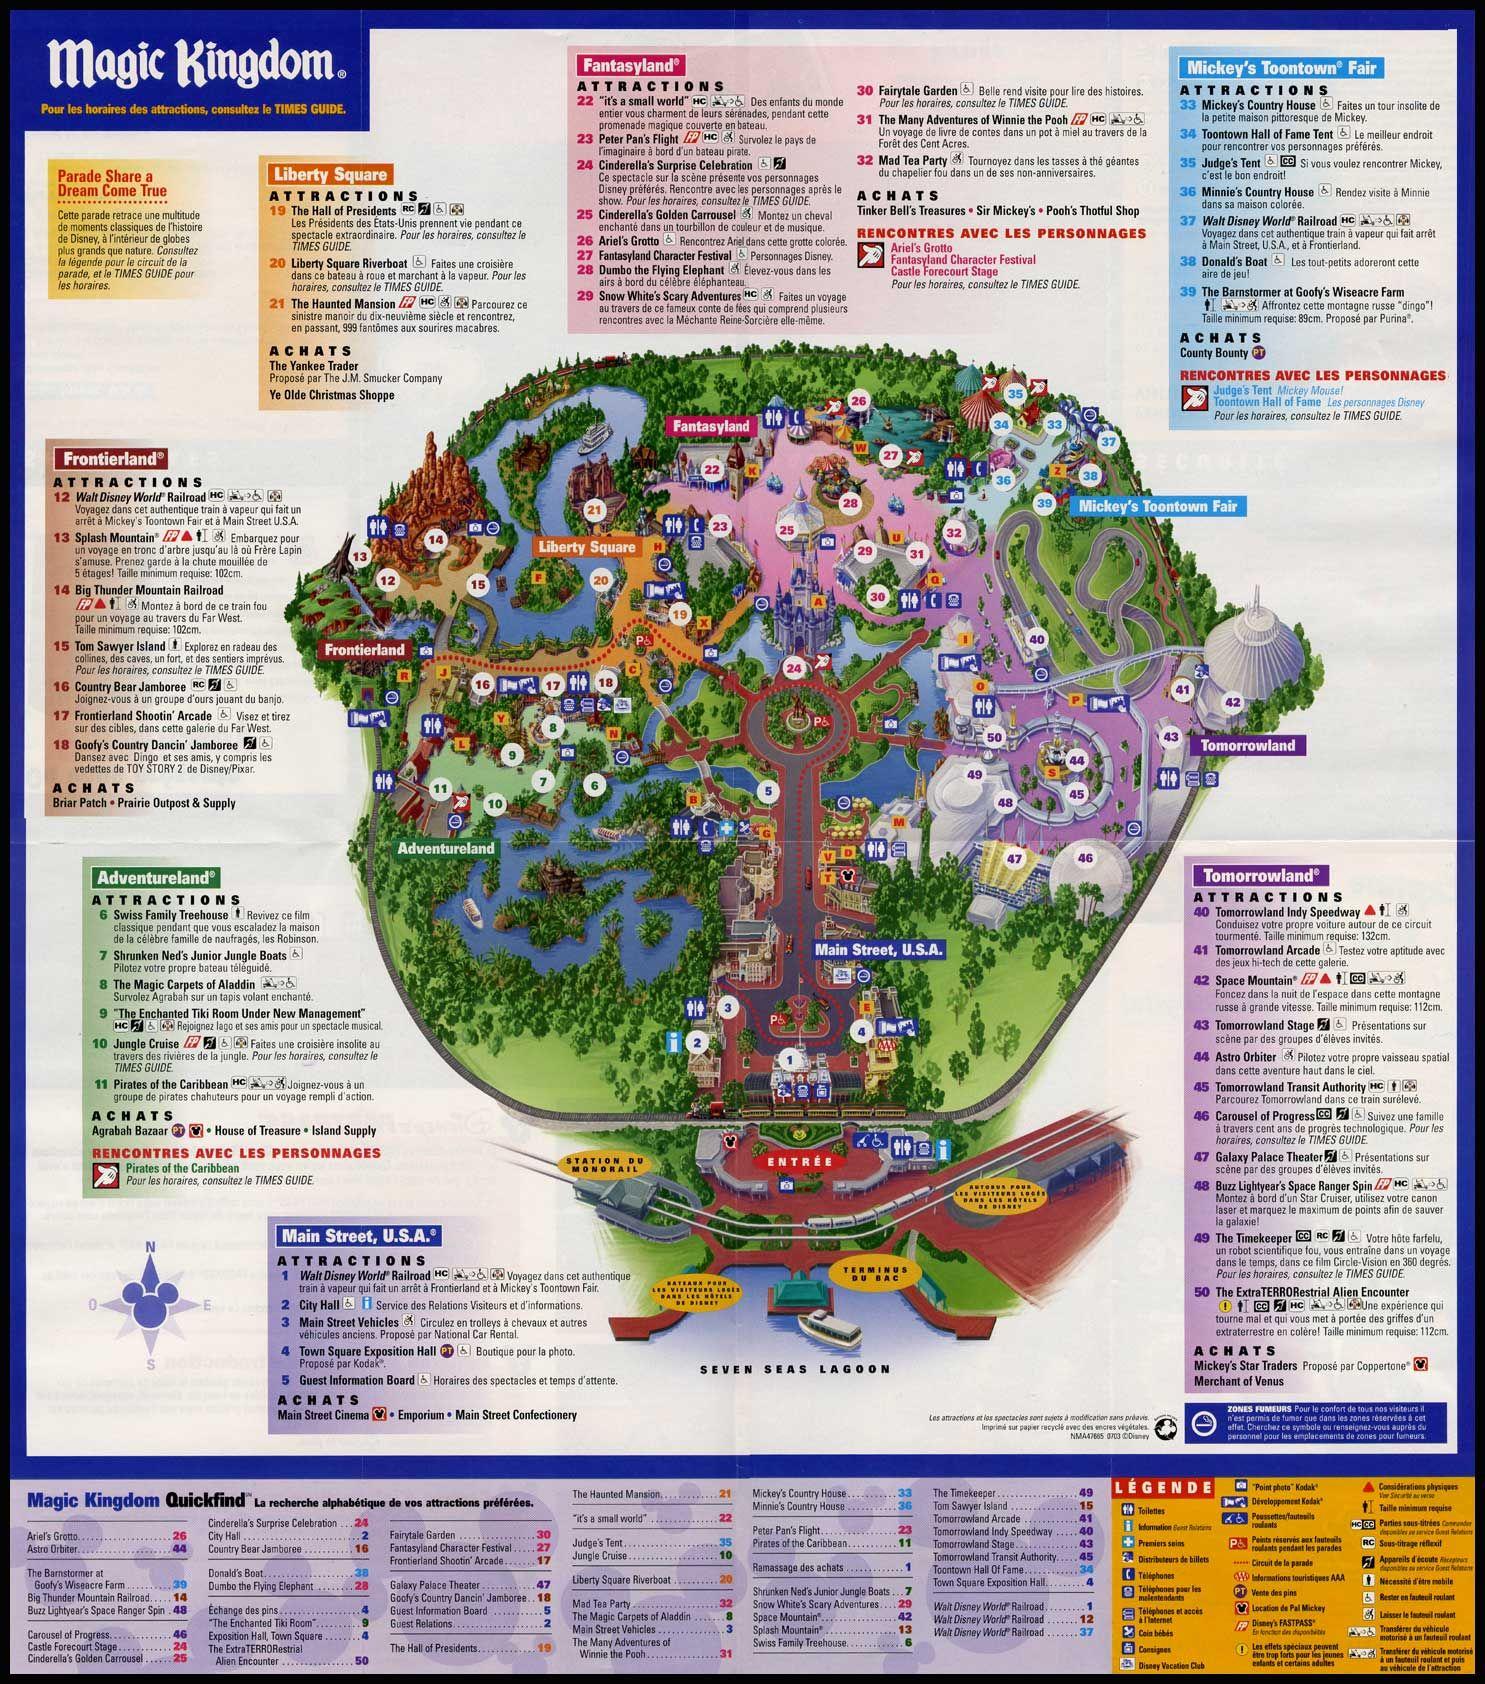 Epingle Par Lennie Sutton Sur Disney Avec Images Disney World